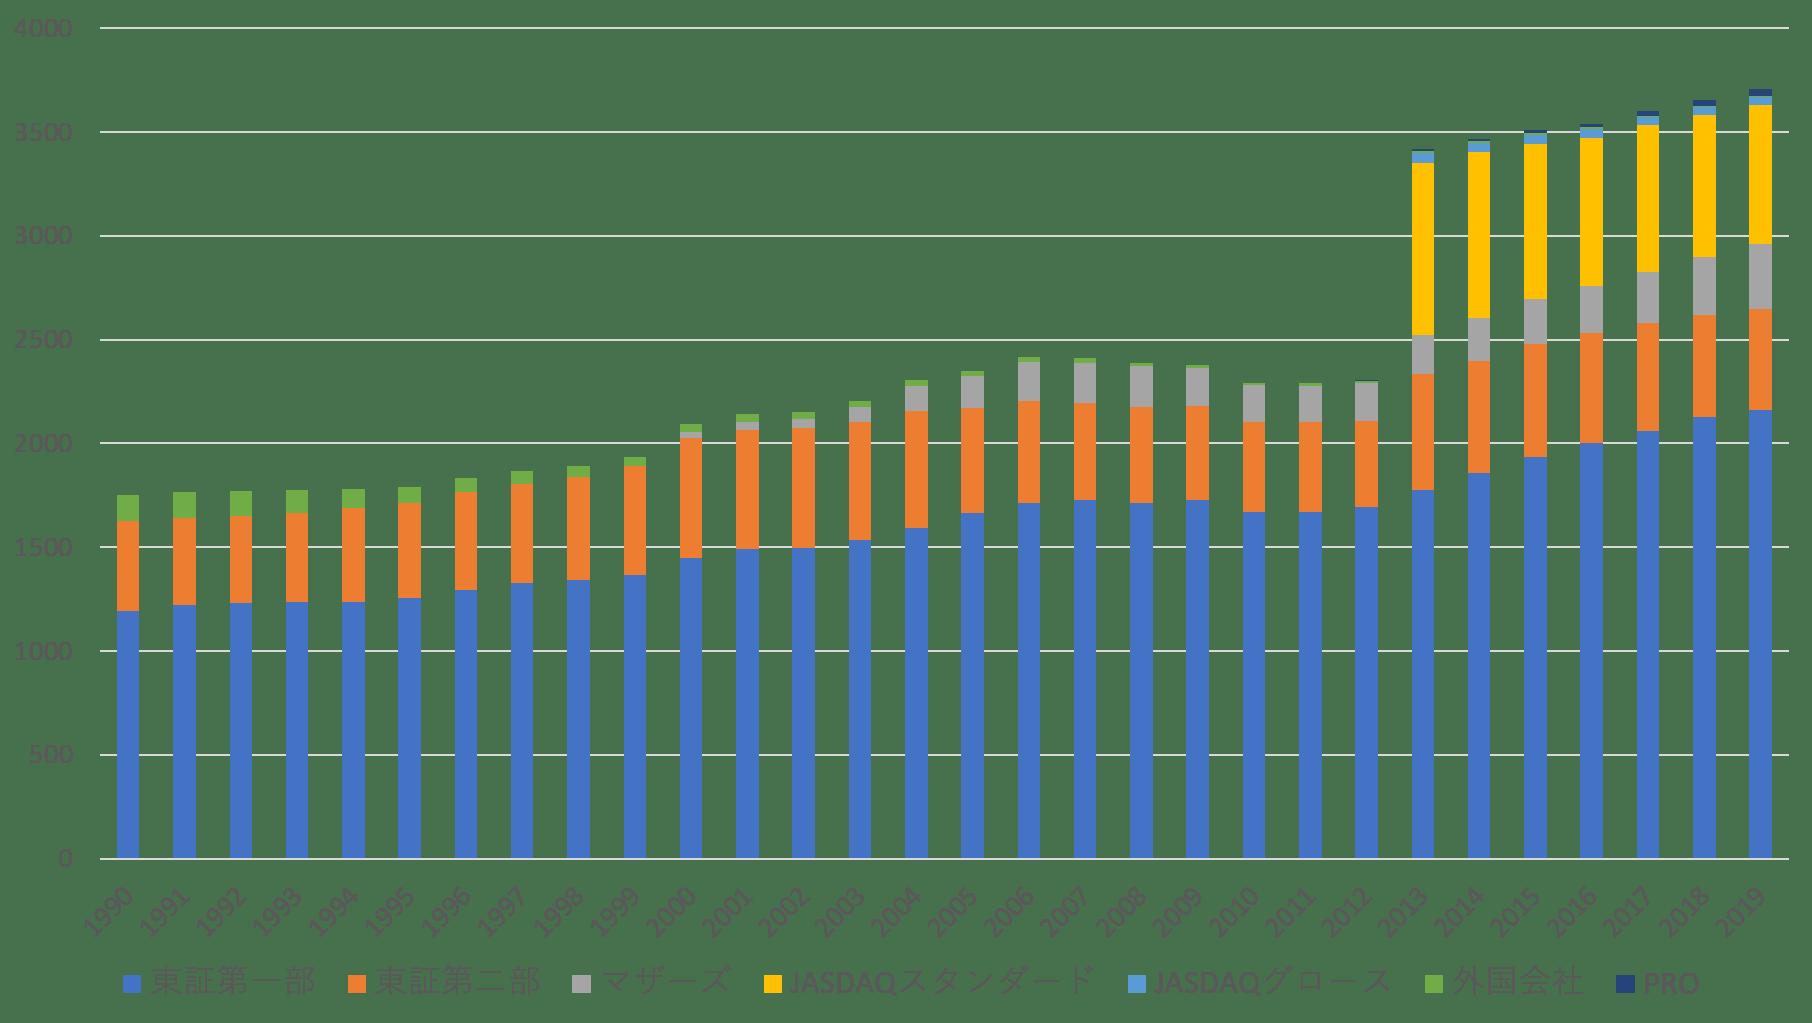 各市場の上場企業数